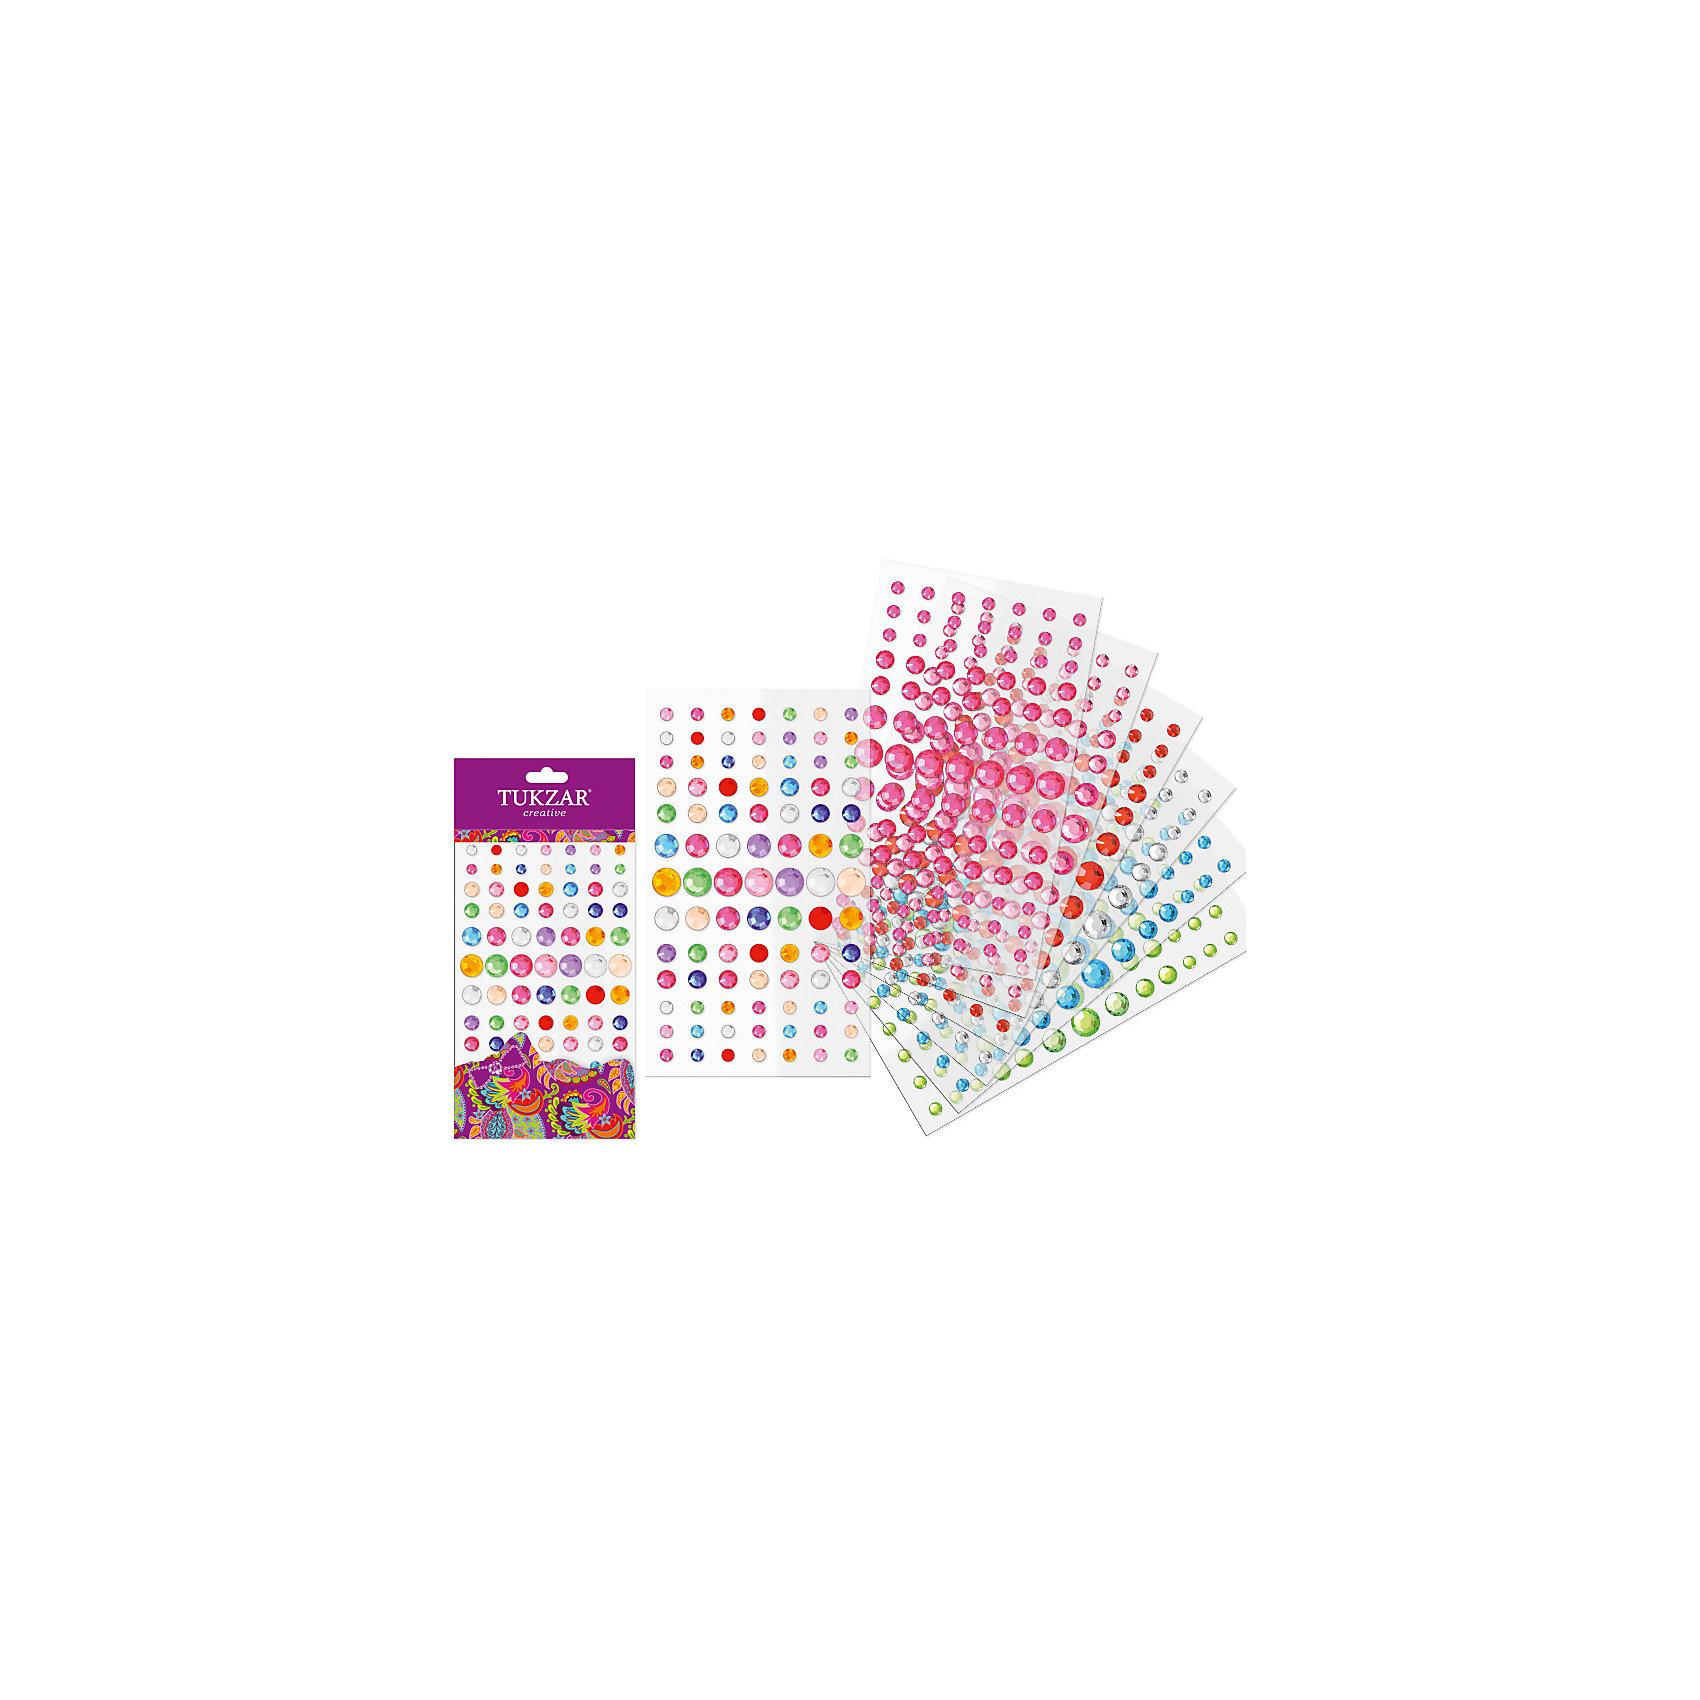 Акриловые круглые наклейки-стразы Бабочки (91 шт на листе)Творчество для малышей<br>Наклейки-стразы акриловые КРУГЛЫЕ, 10х24см., 91 шт от известного торгового бренда канцелярских товаров и товаров для творчества TUKZAR. Наклейки-стразы можно использовать для оформления и декорирования ручных поделок, оформления подарочной упаковки или в качестве стильного аксессуара для маскарадного костюма. Набор включает в себя различные по цвету и размеру стразы классической формы, что позволит создать авторские узоры на любой поверхности.<br><br>Дополнительная информация:<br><br>- Предназначение: для творческих занятий, оформительских работ и декорирования<br>- Материал: акрил<br>- Комплектация: круглые наклейки-стразы в ассортименте <br>- Размеры (Д*Ш): 10*24 см<br>- Упаковка: блистер<br><br>Подробнее:<br><br>• Для детей в возрасте: от 5 лет <br>• Страна производитель: Китай<br>• Торговый бренд: TUKZAR<br><br>Наклейки-стразы акриловые КРУГЛЫЕ, 10х24см., 91 шт можно купить в нашем интернет-магазине.<br><br>Ширина мм: 100<br>Глубина мм: 240<br>Высота мм: 10<br>Вес г: 50<br>Возраст от месяцев: 36<br>Возраст до месяцев: 144<br>Пол: Женский<br>Возраст: Детский<br>SKU: 5001400